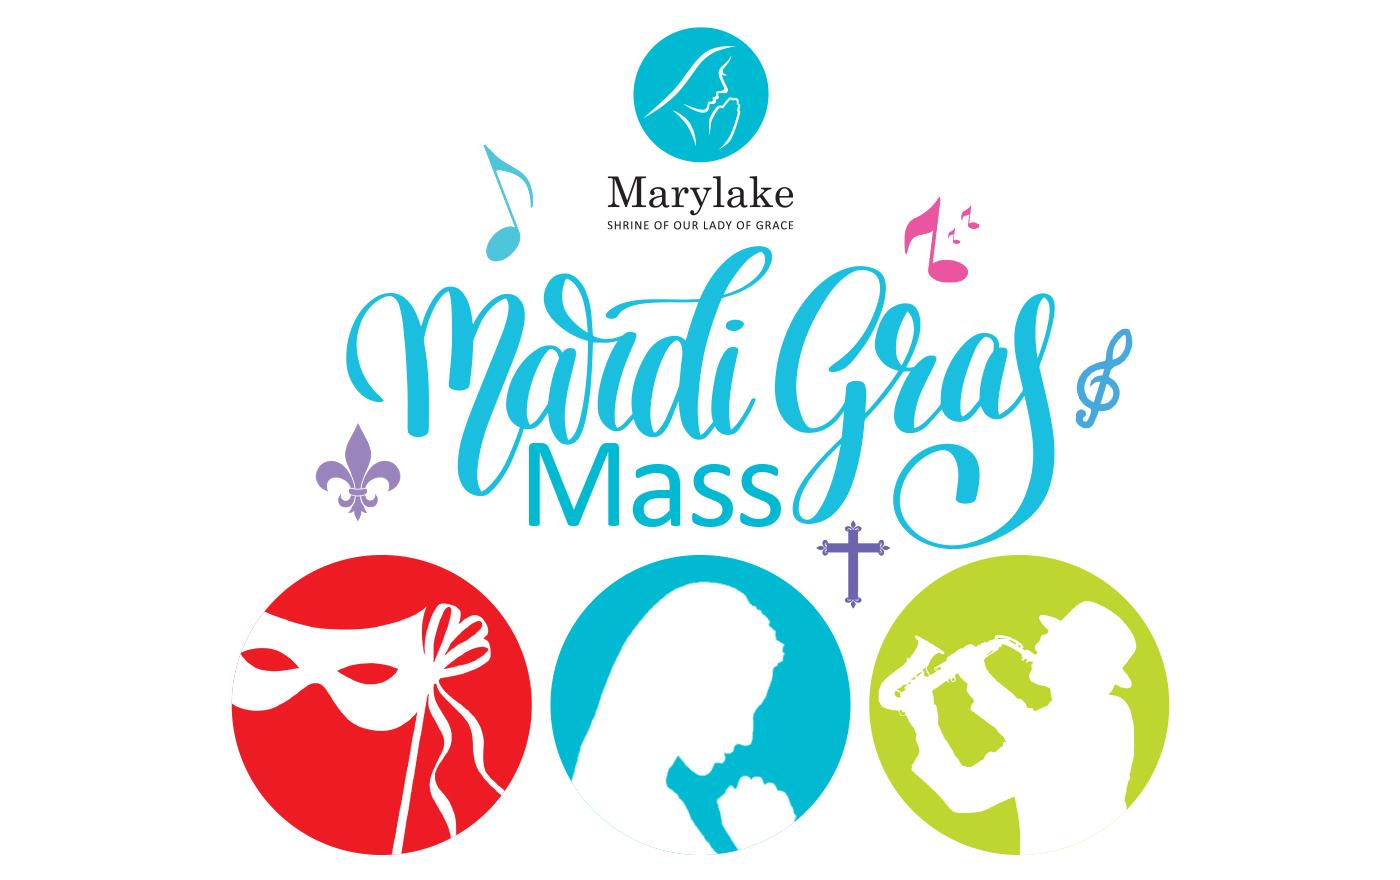 marylake_mardigras_mass.jpg